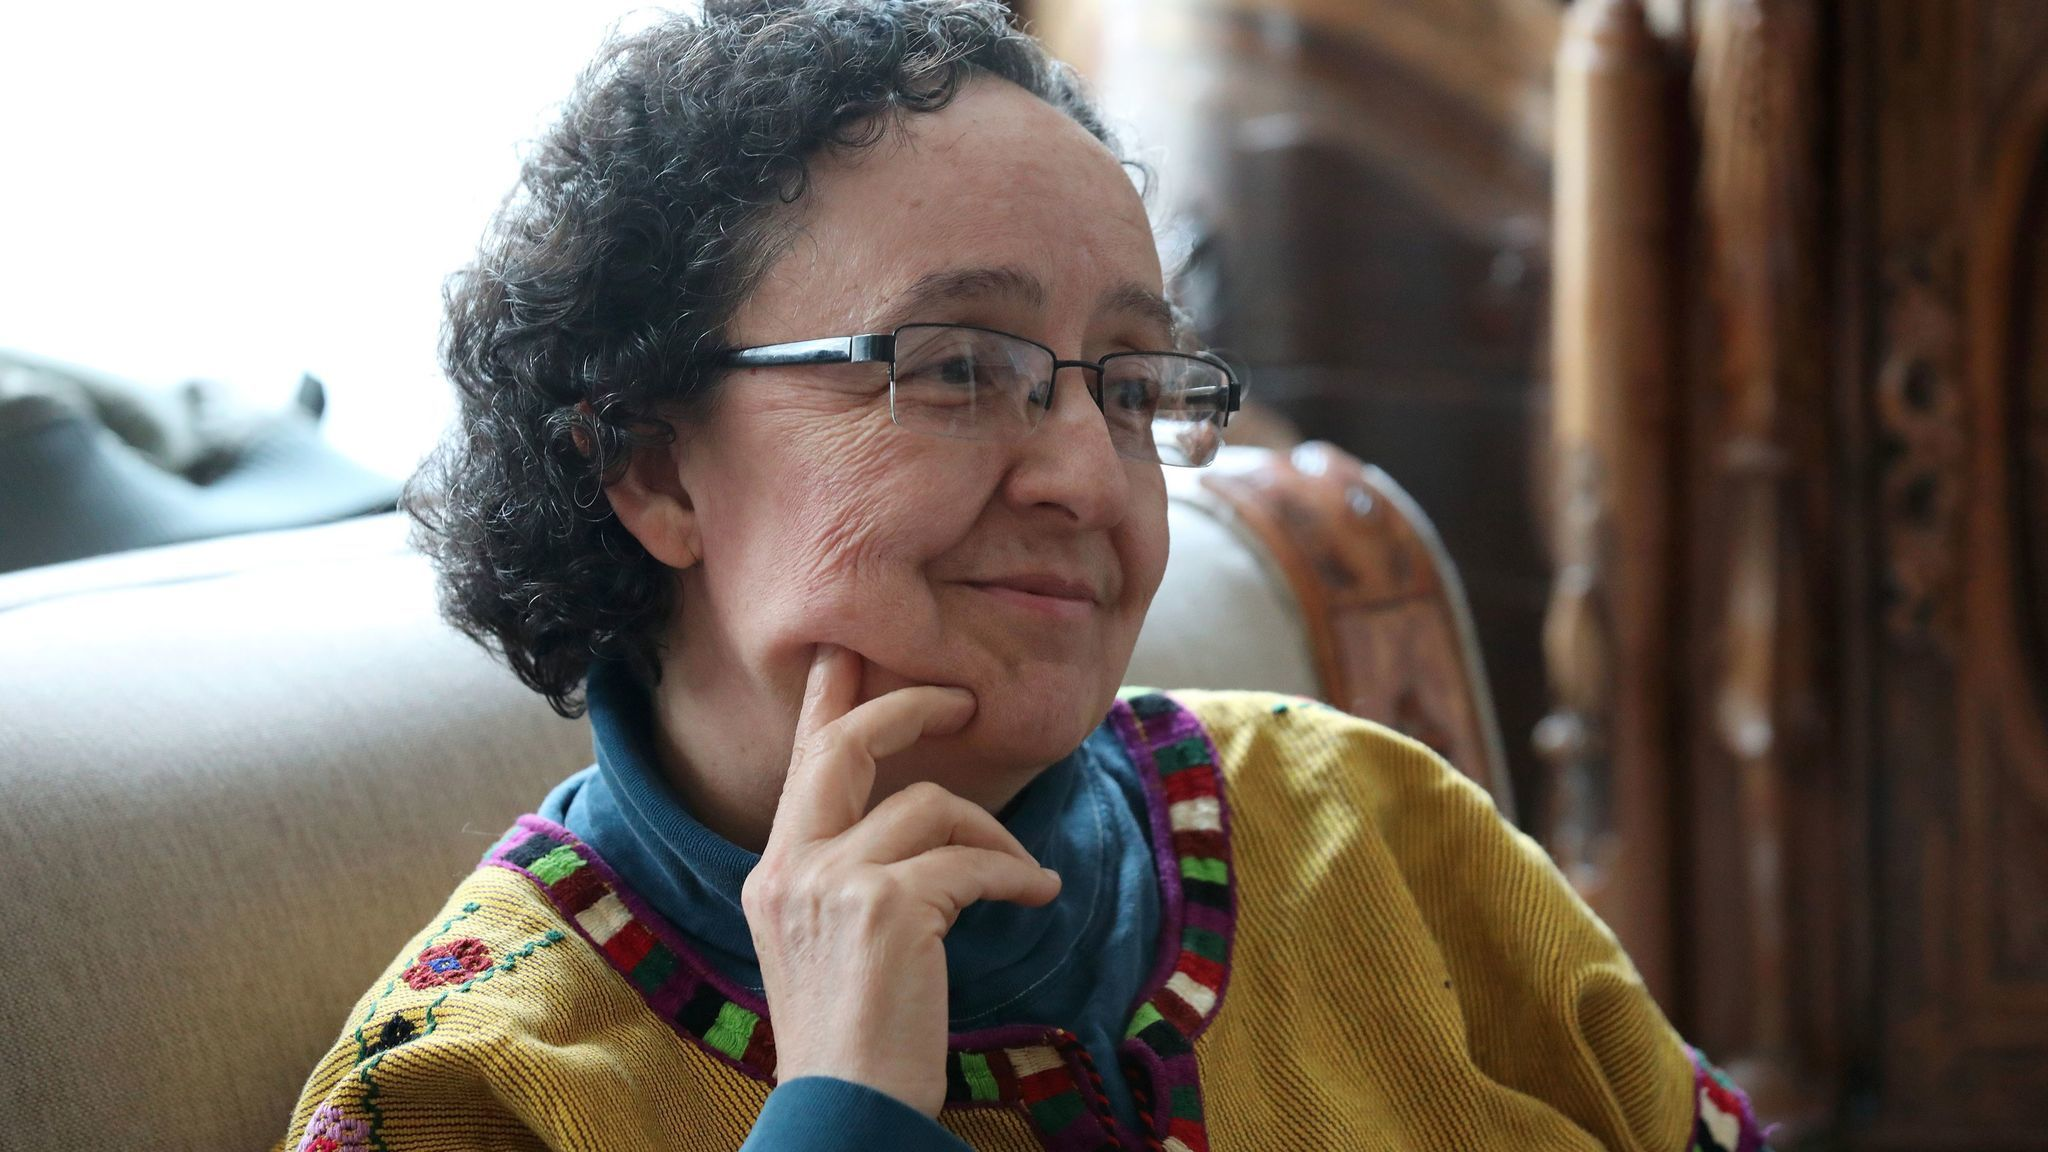 Artist Mónica Mayer is a key Mexican feminist artist.